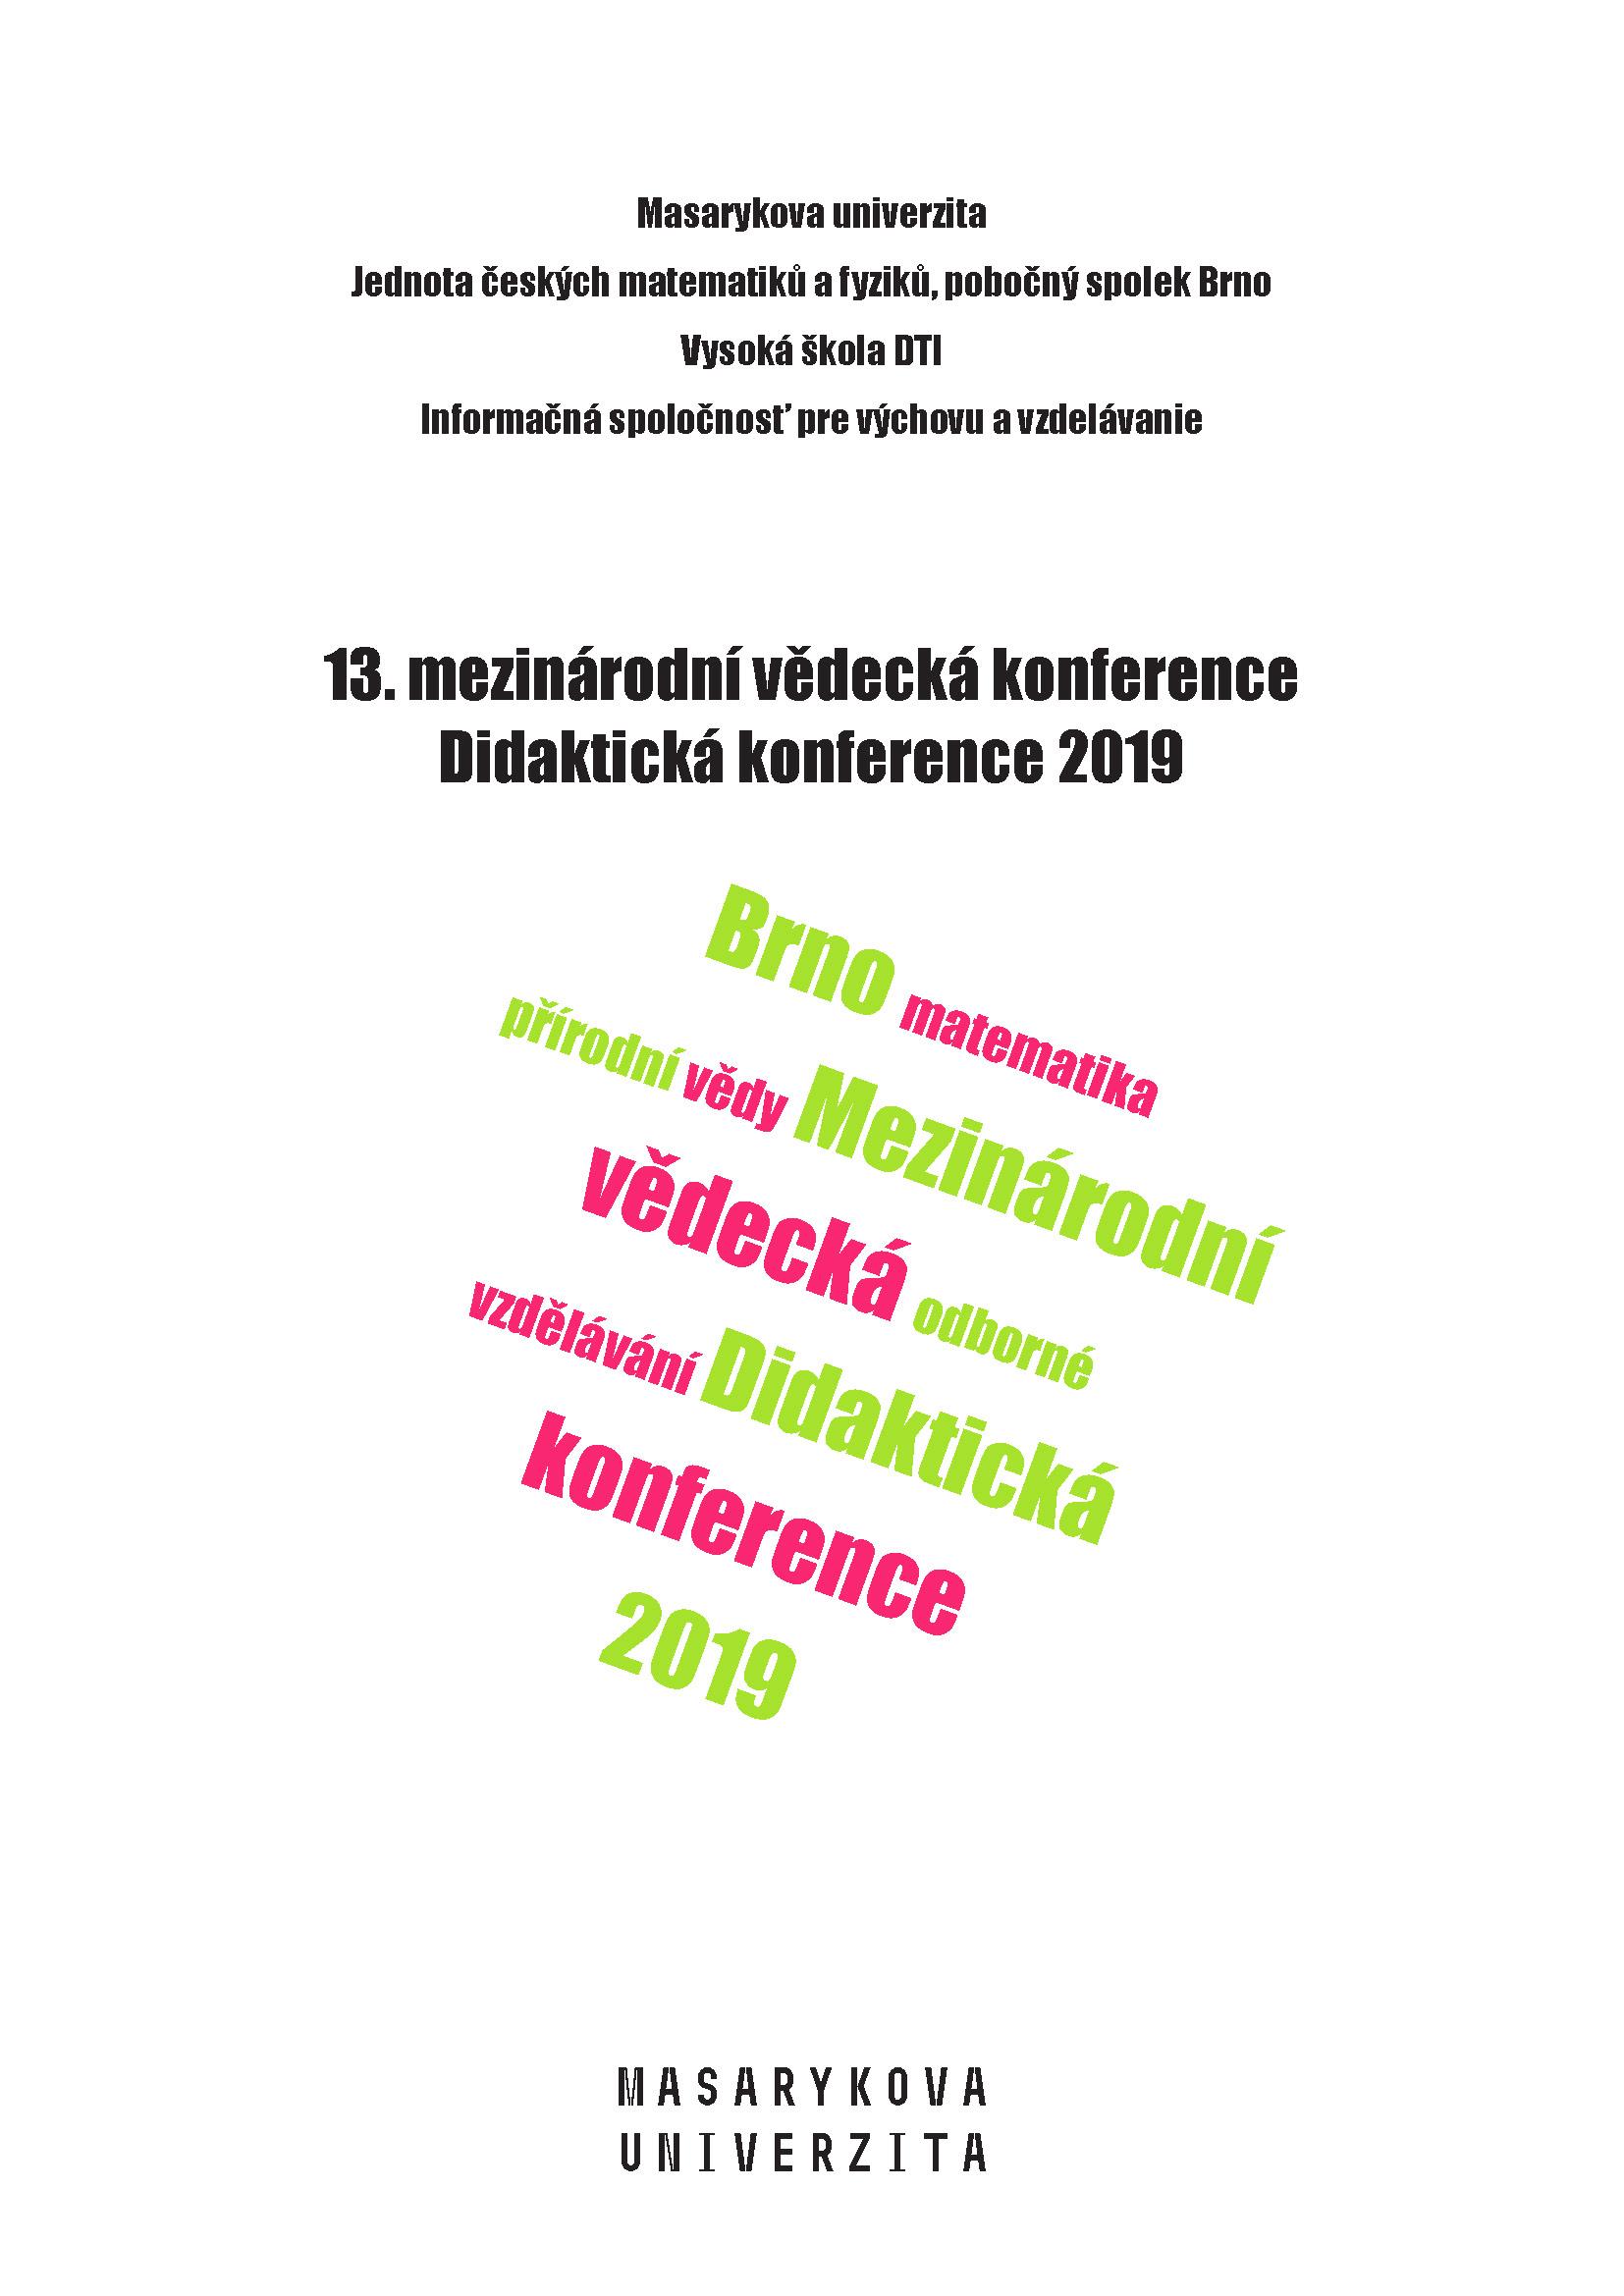 Obálka pro 13. mezinárodní vědecká konference Didaktická konference 2019. Sborník příspěvků